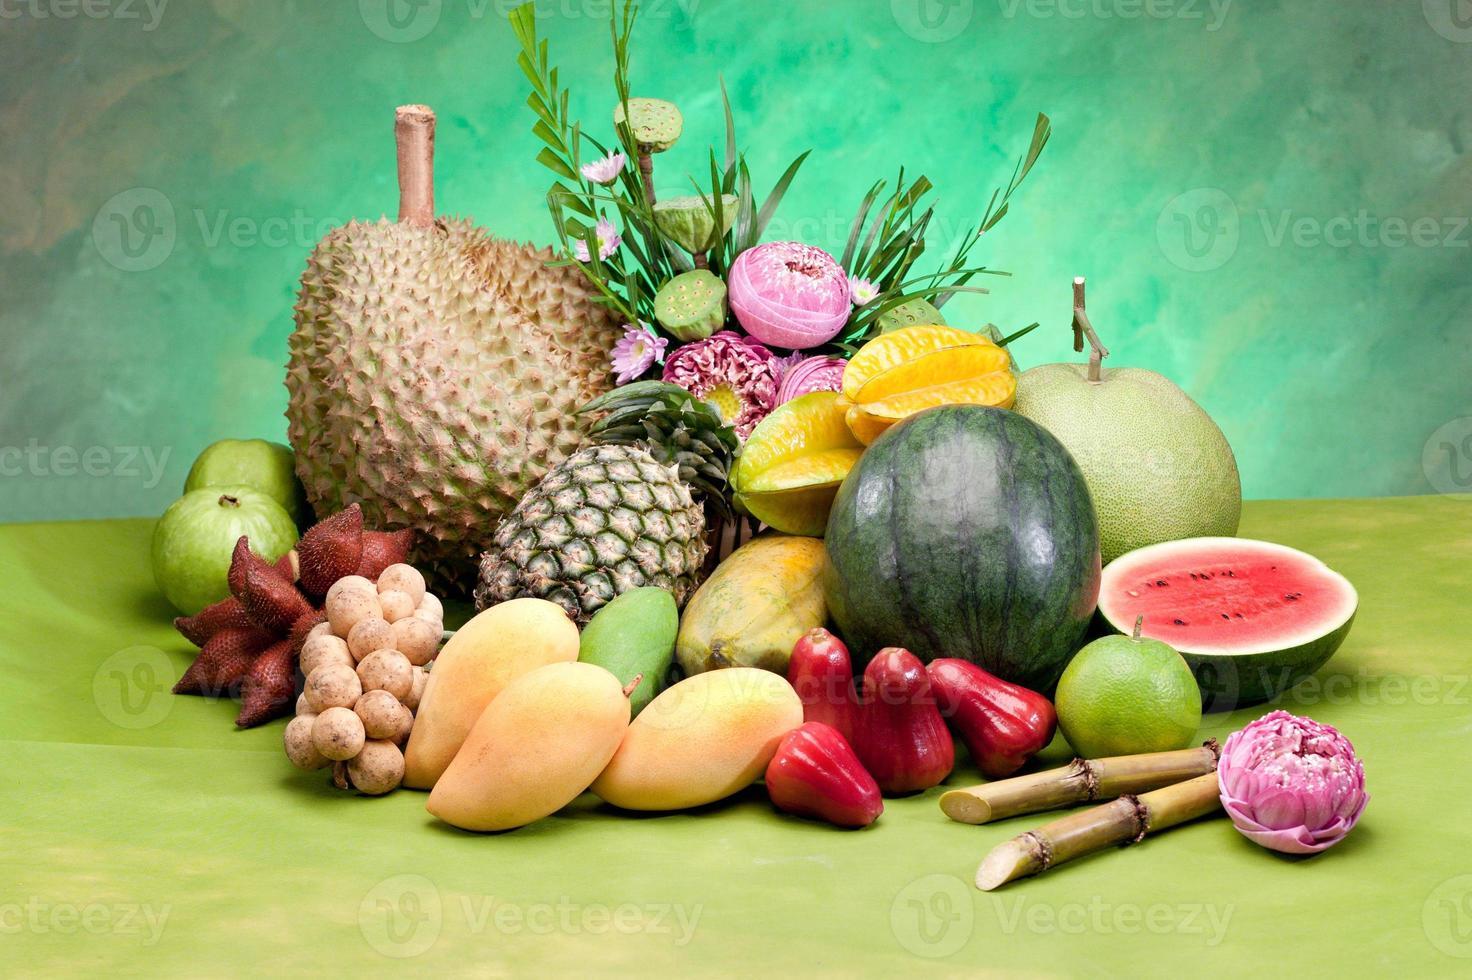 All season Thailand tropical fruits photo